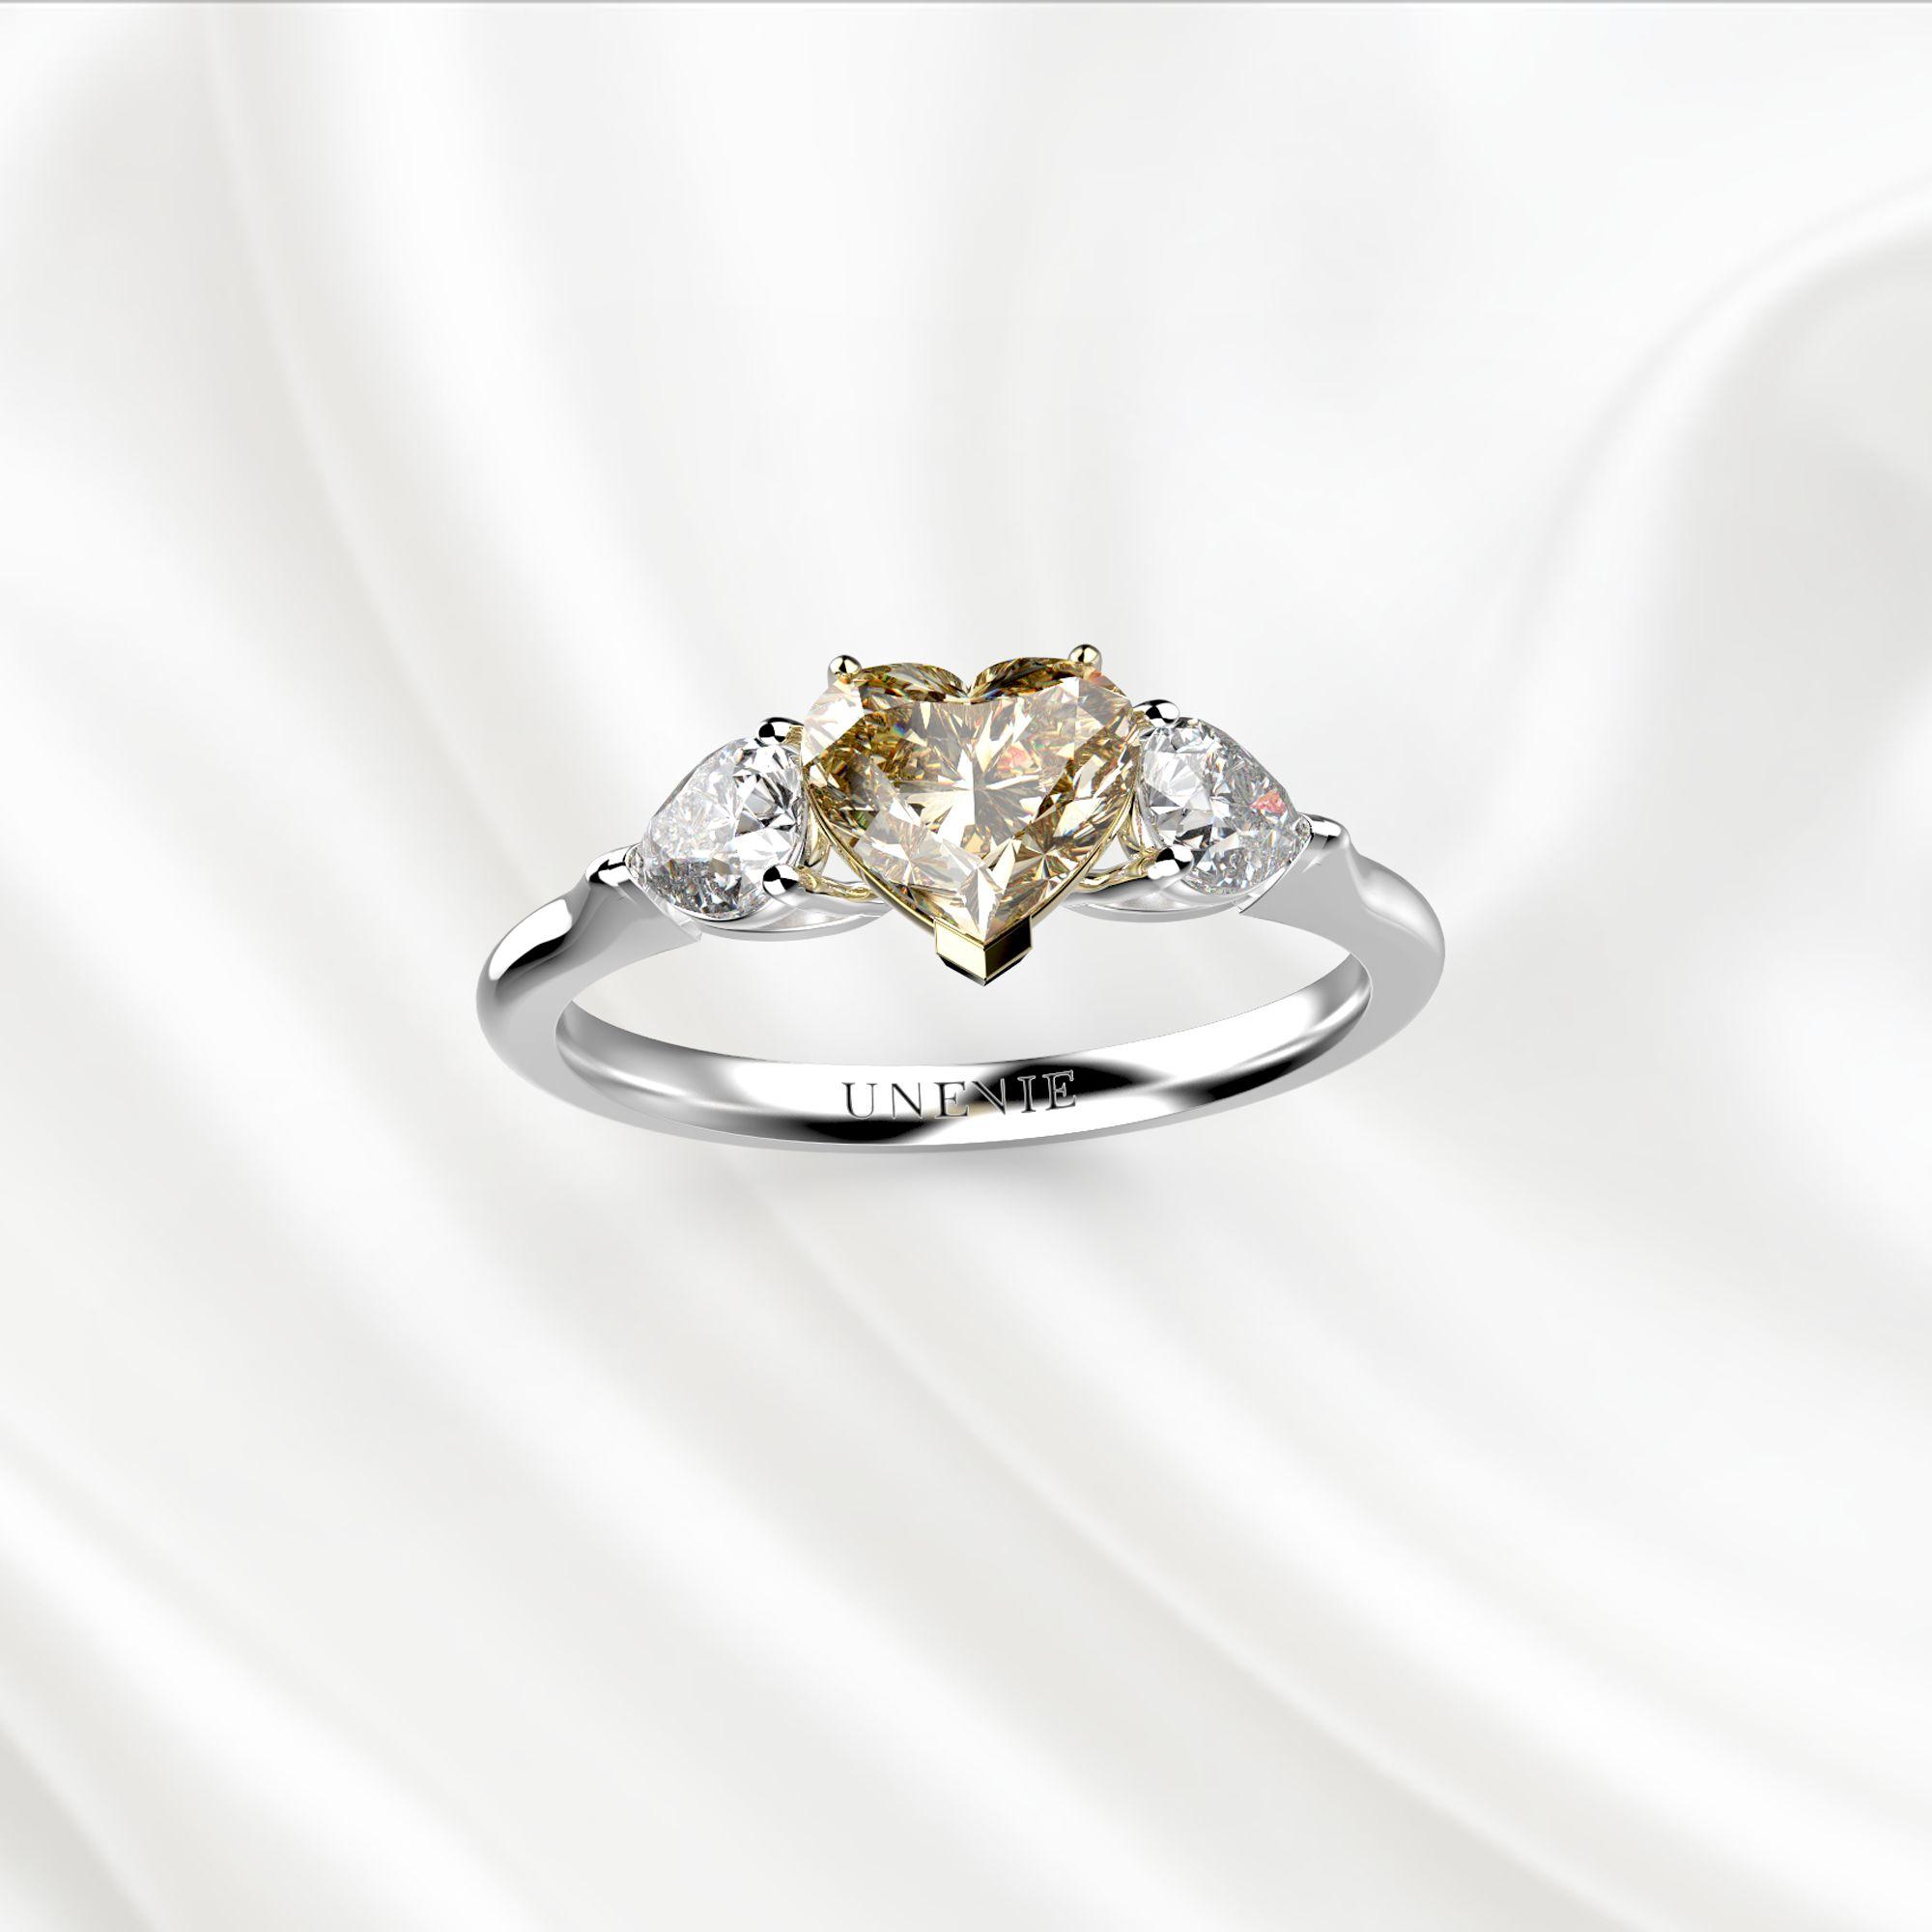 N18 Помолвочное кольцо из белого золота с желтым бриллиантом 0.5 карат